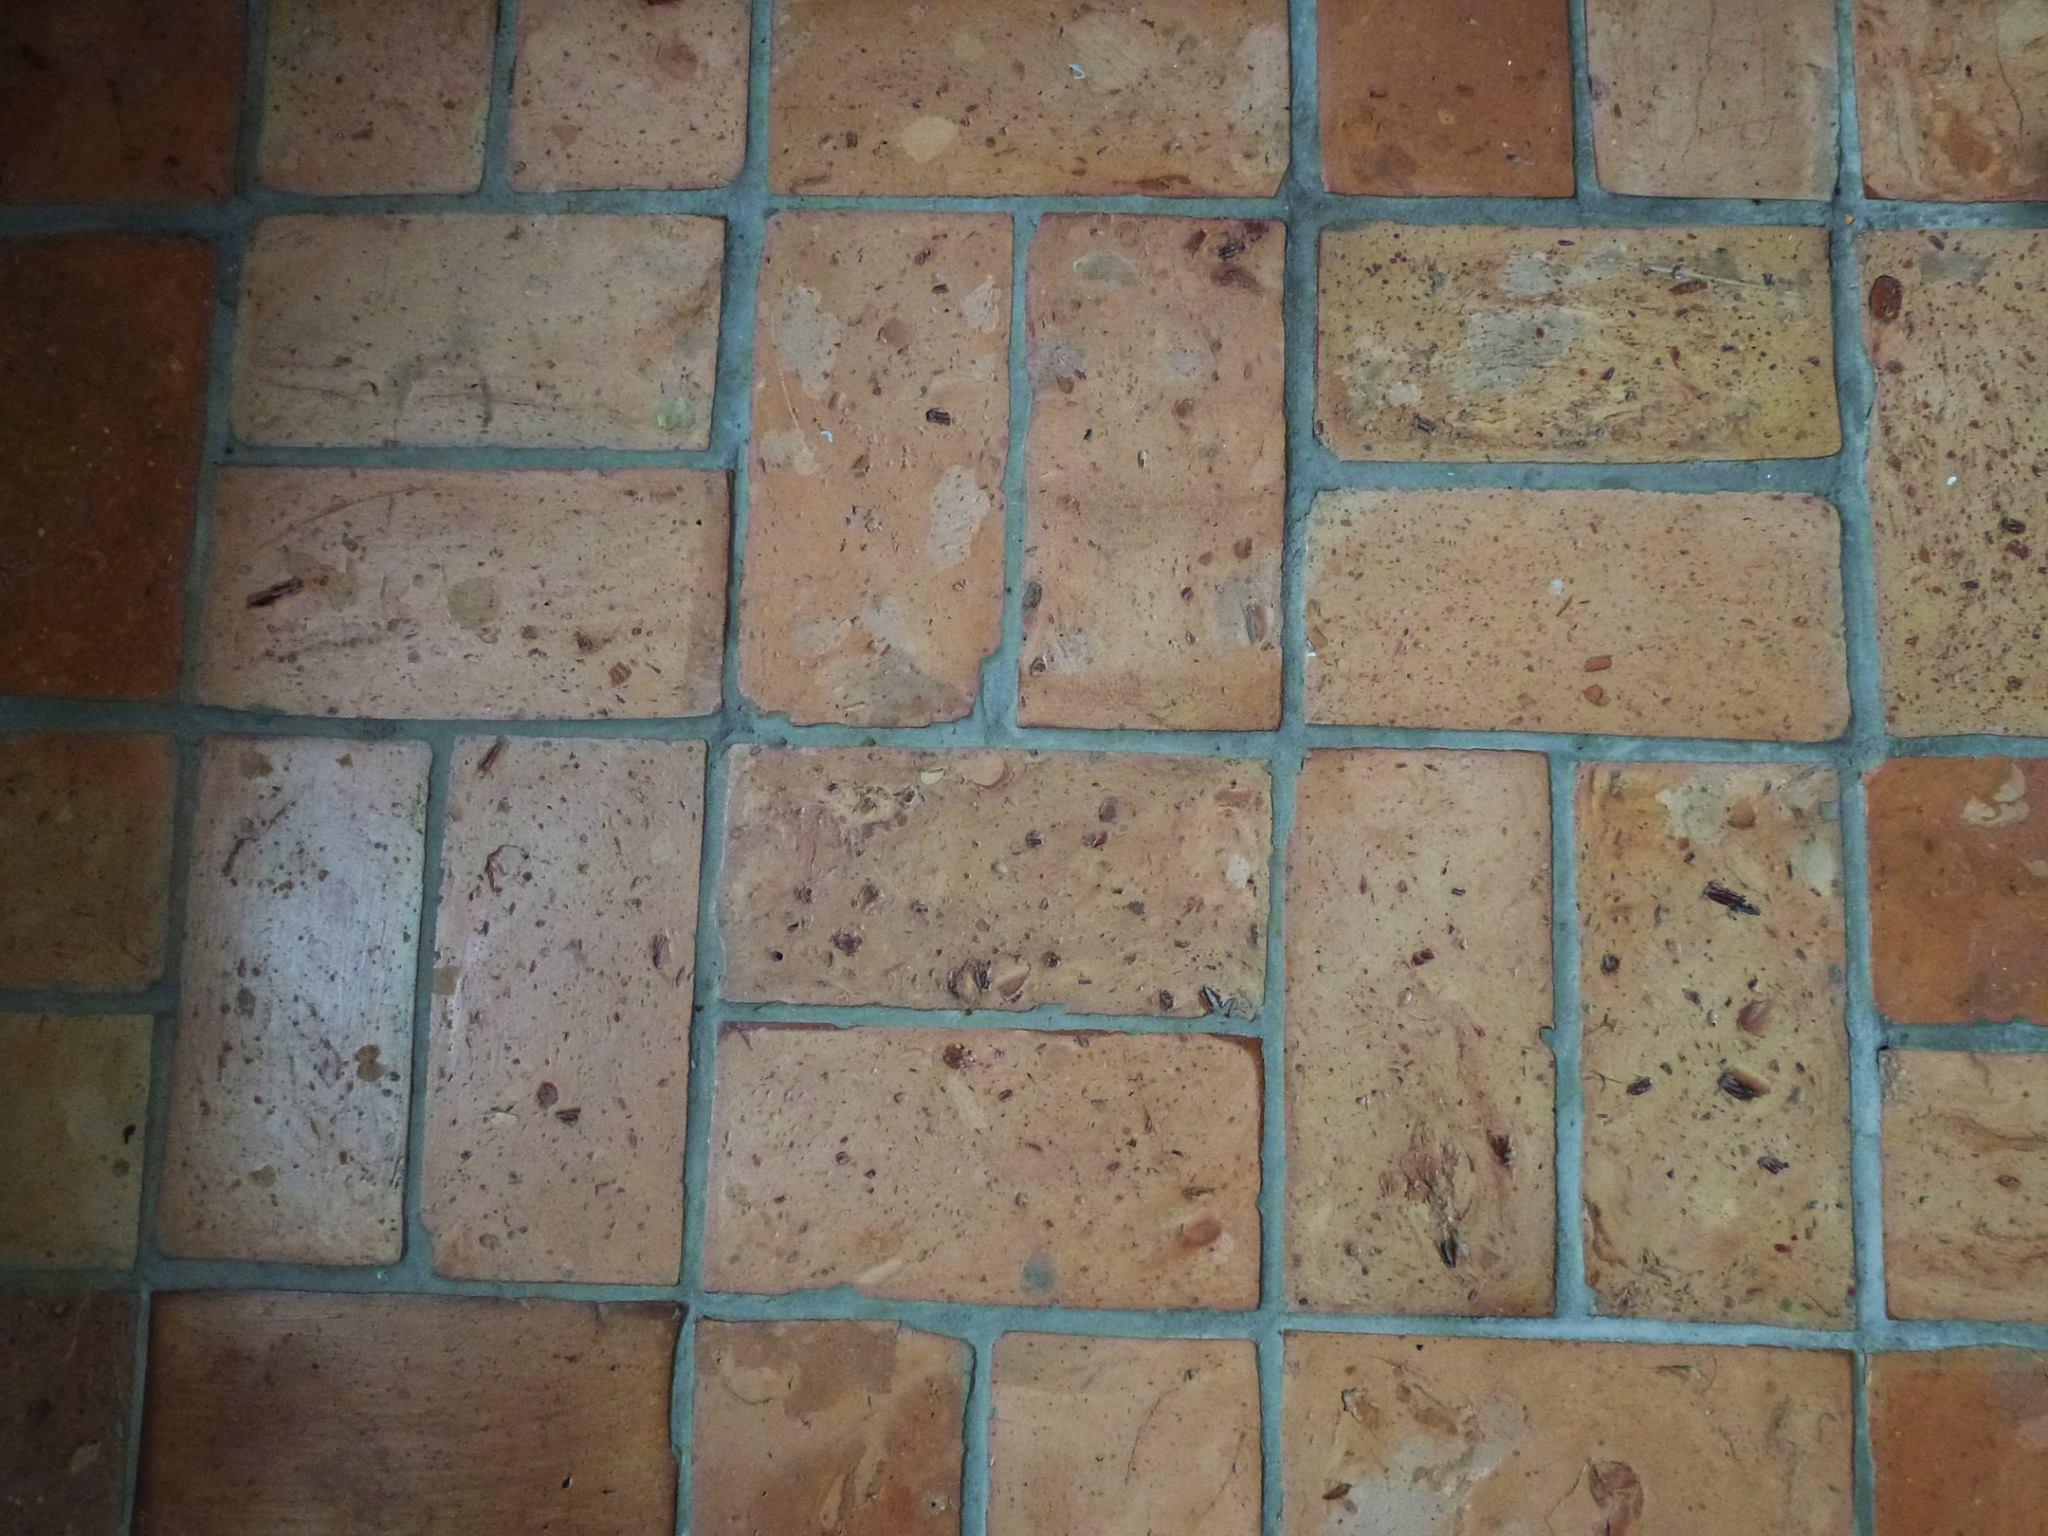 ceglana podłoga